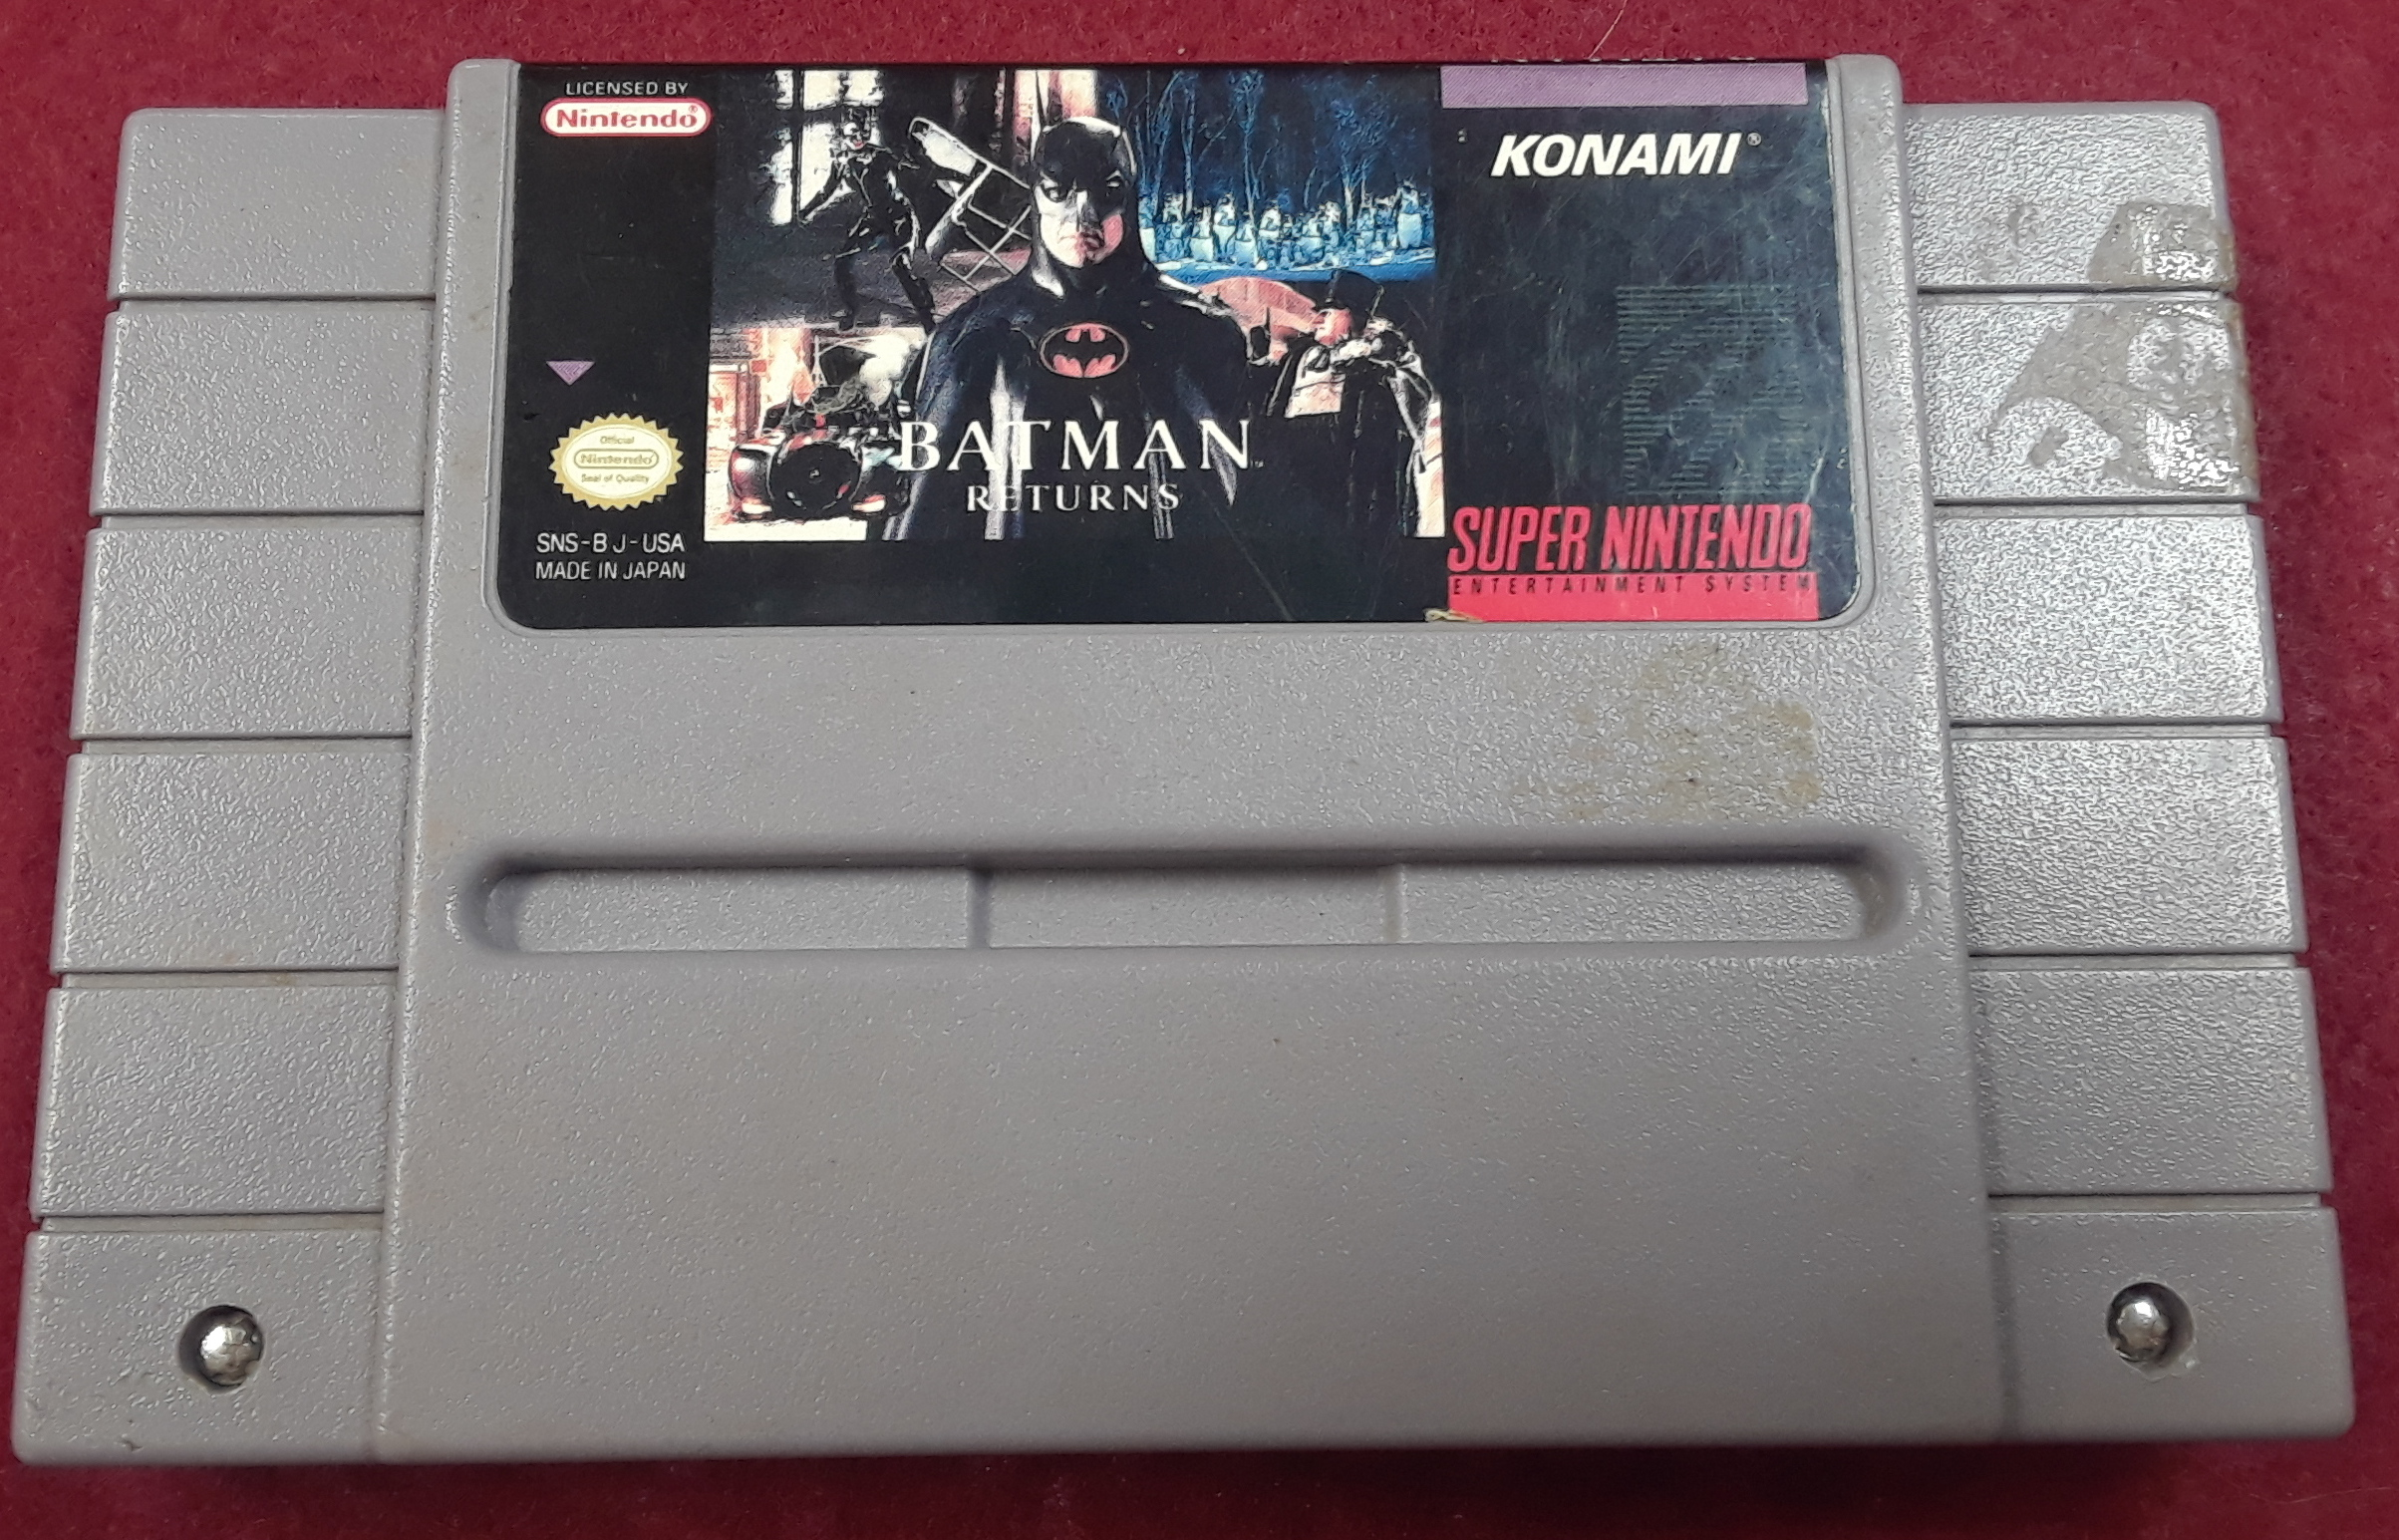 GAMES: SUPER NINTENDO: BATMAN RETURNS